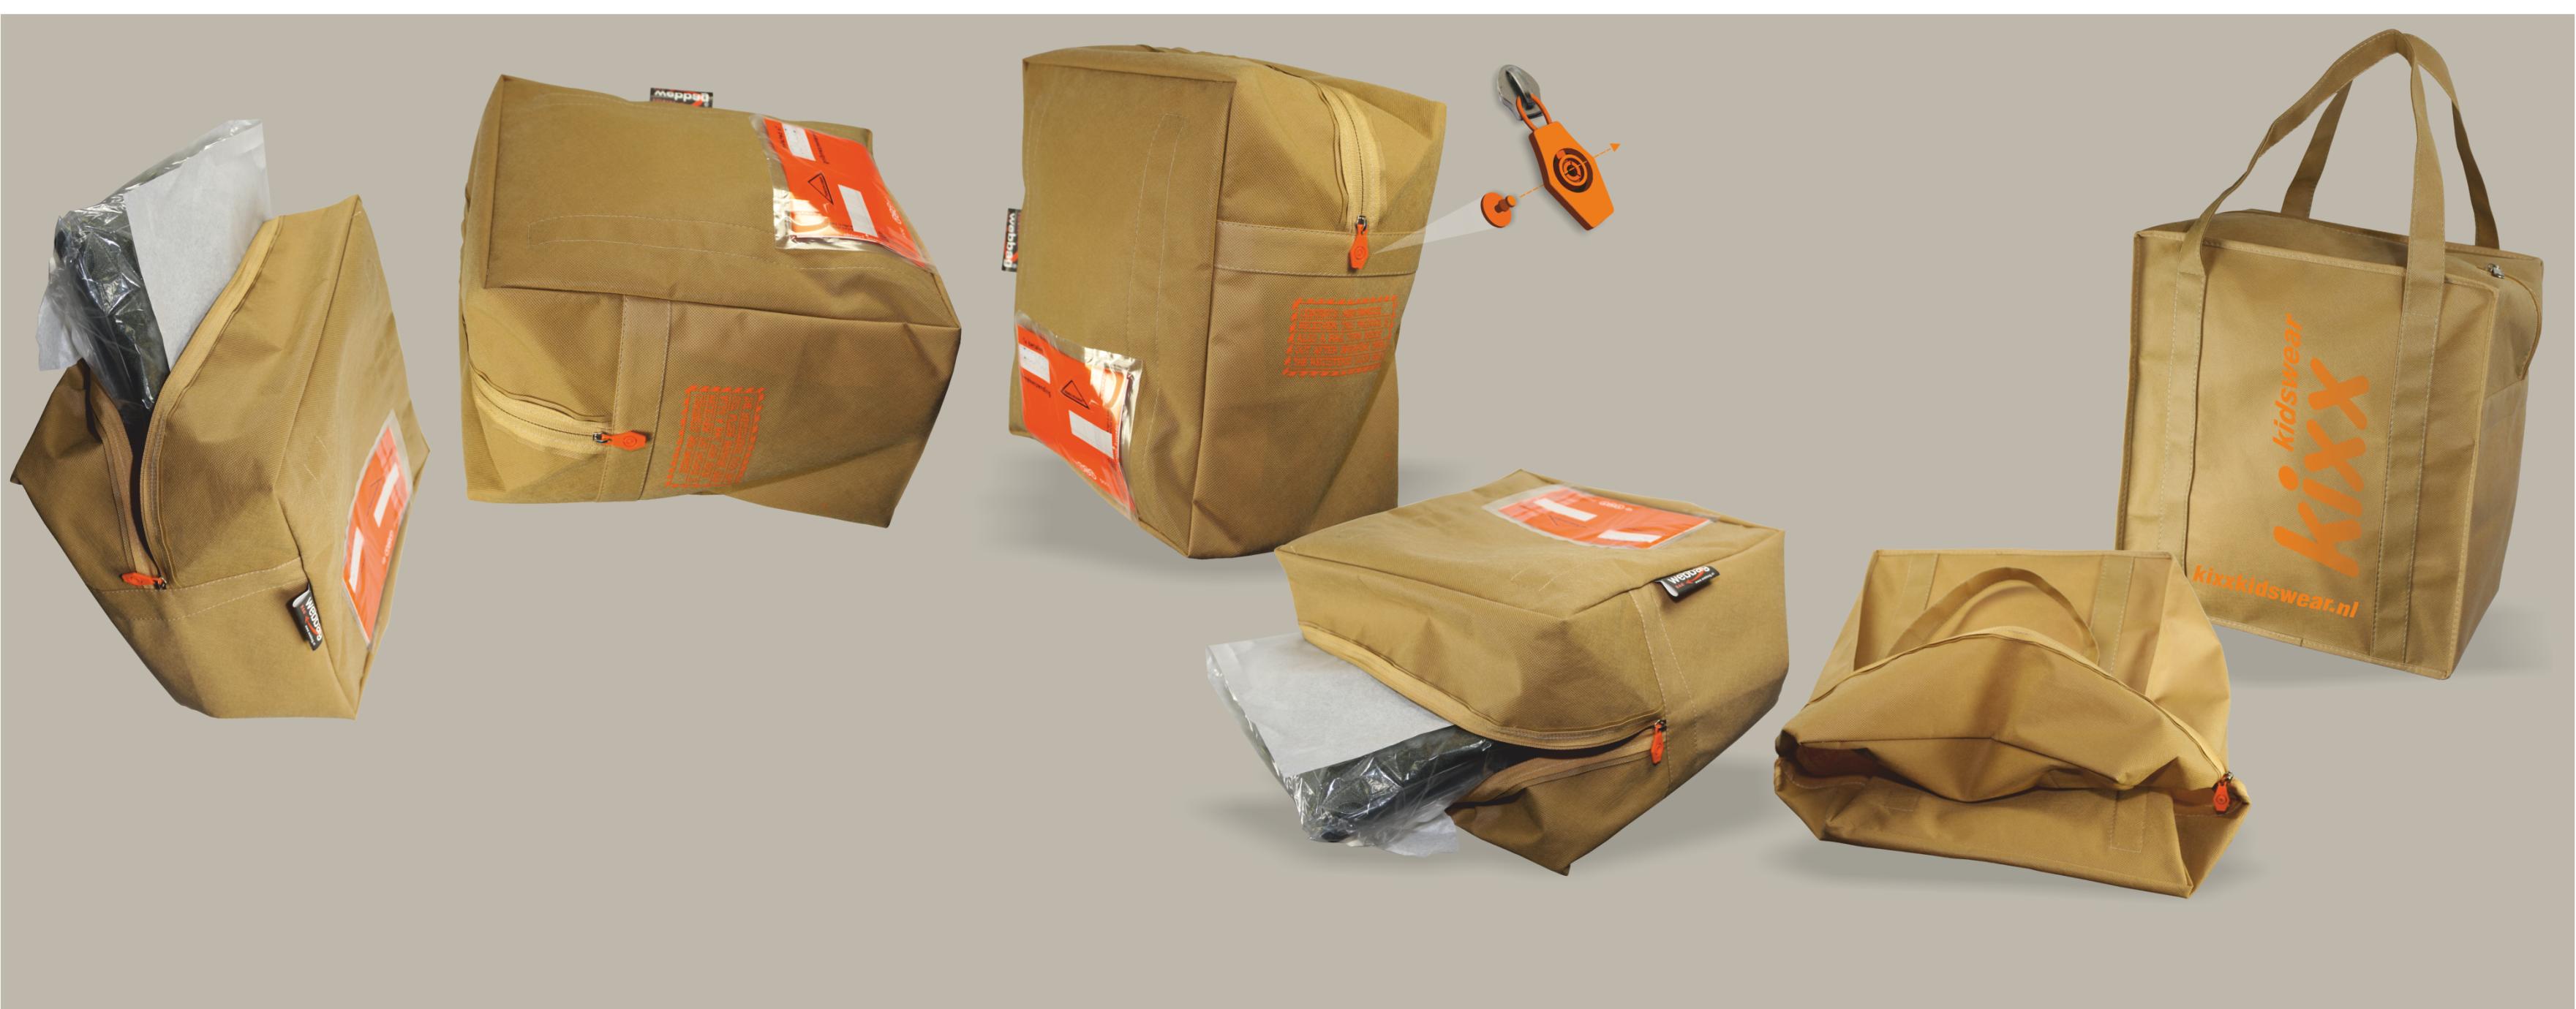 Verzendverpakking wordt draagtas